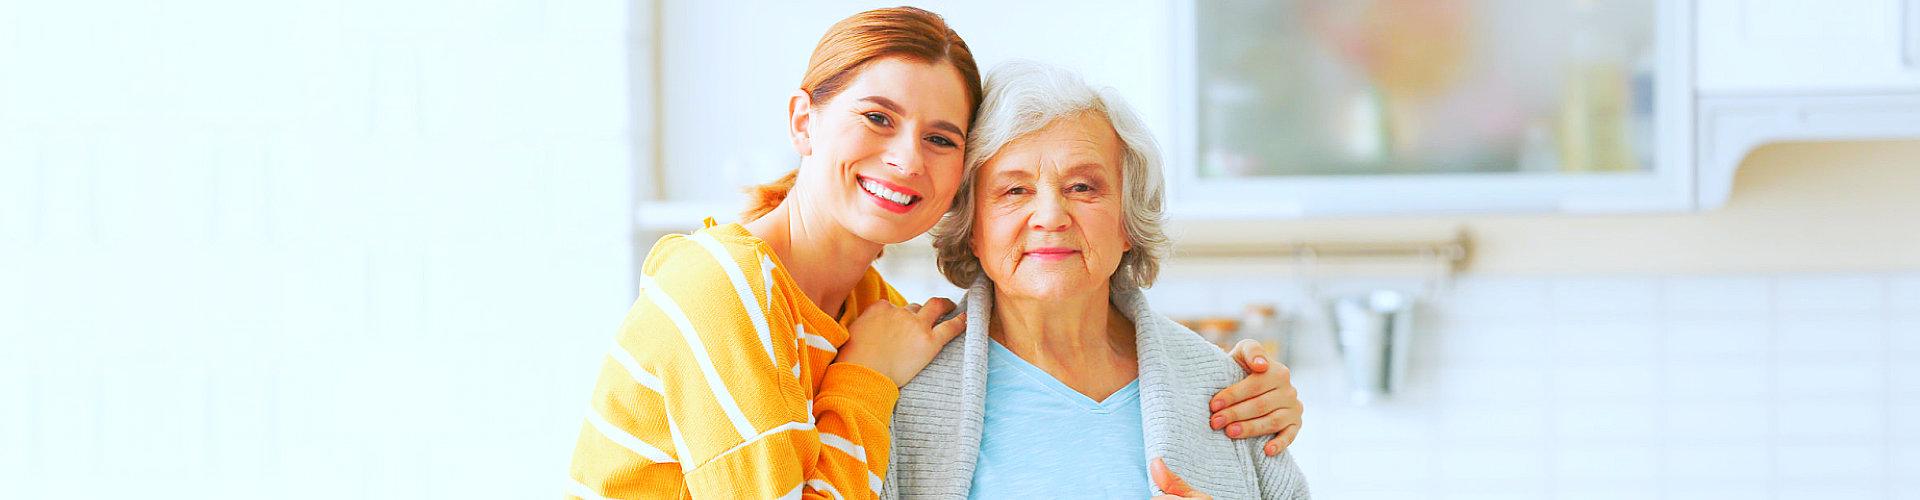 caregiver hugging elder woman